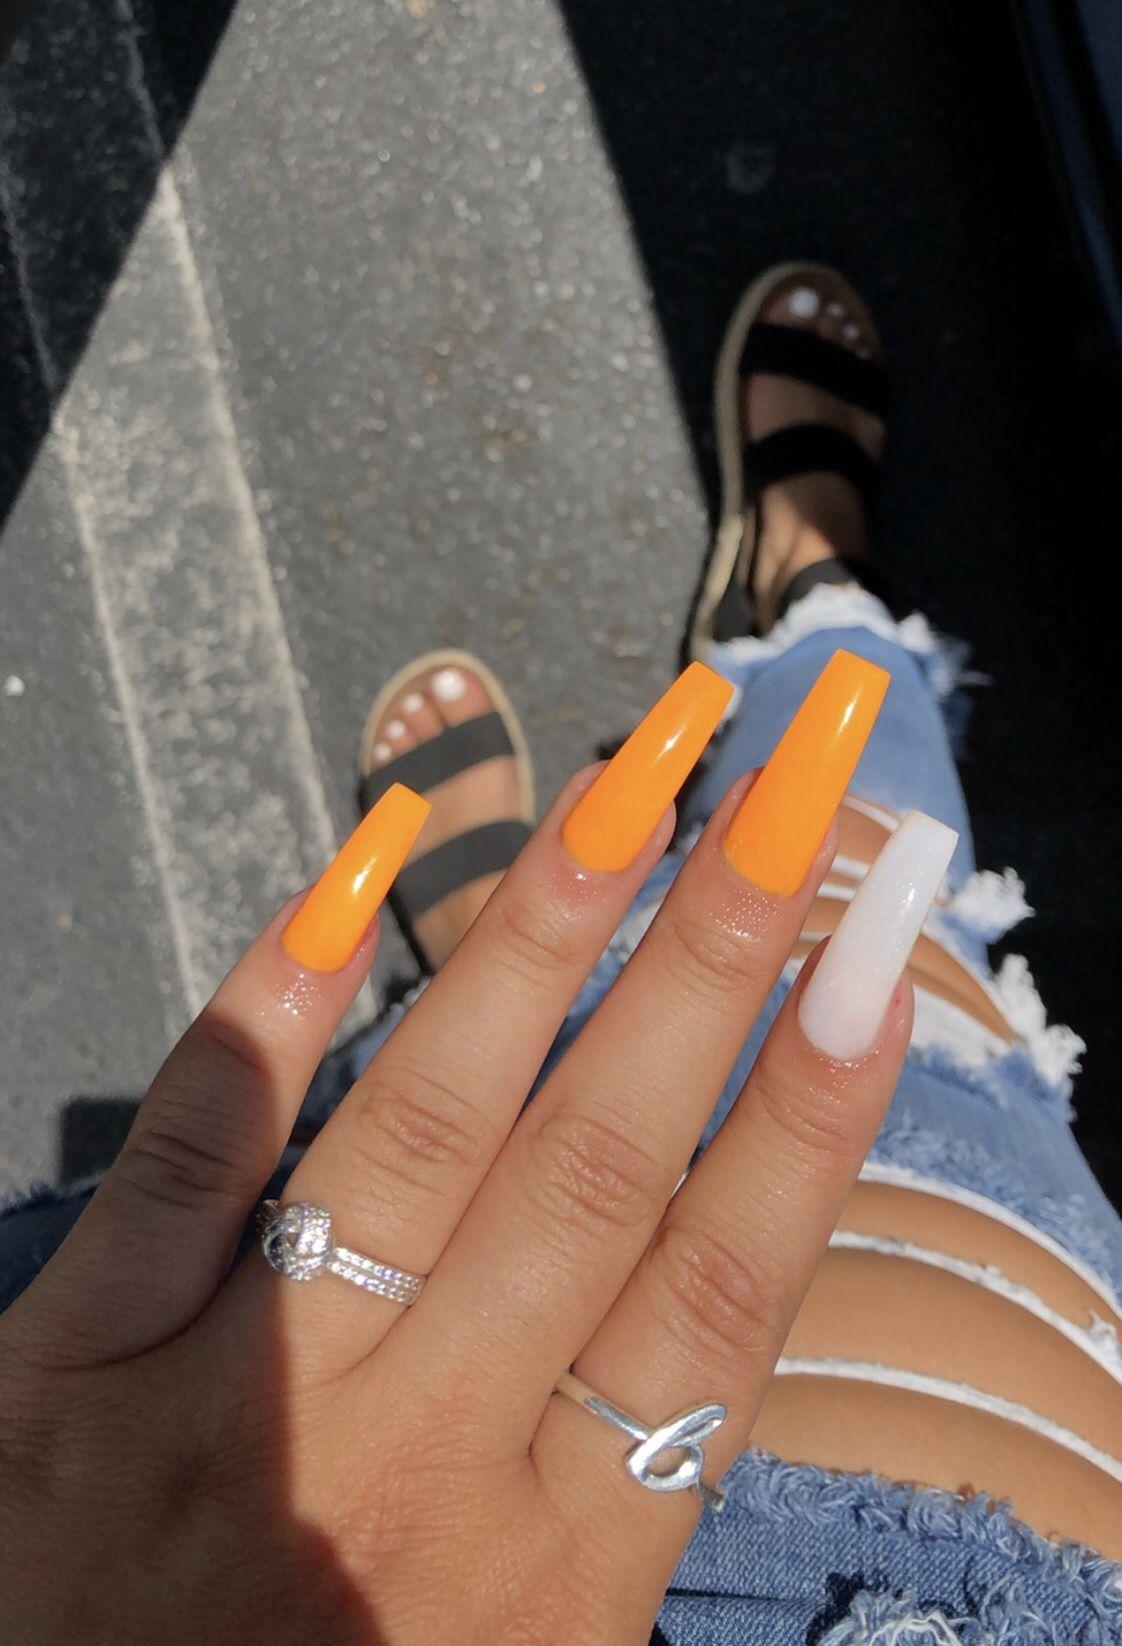 Orange And Soft White Acrylics Taperedsquare Valentinobeautypure Acrylicnails Orange Acrylic Nails Pink Acrylic Nails Long Square Acrylic Nails